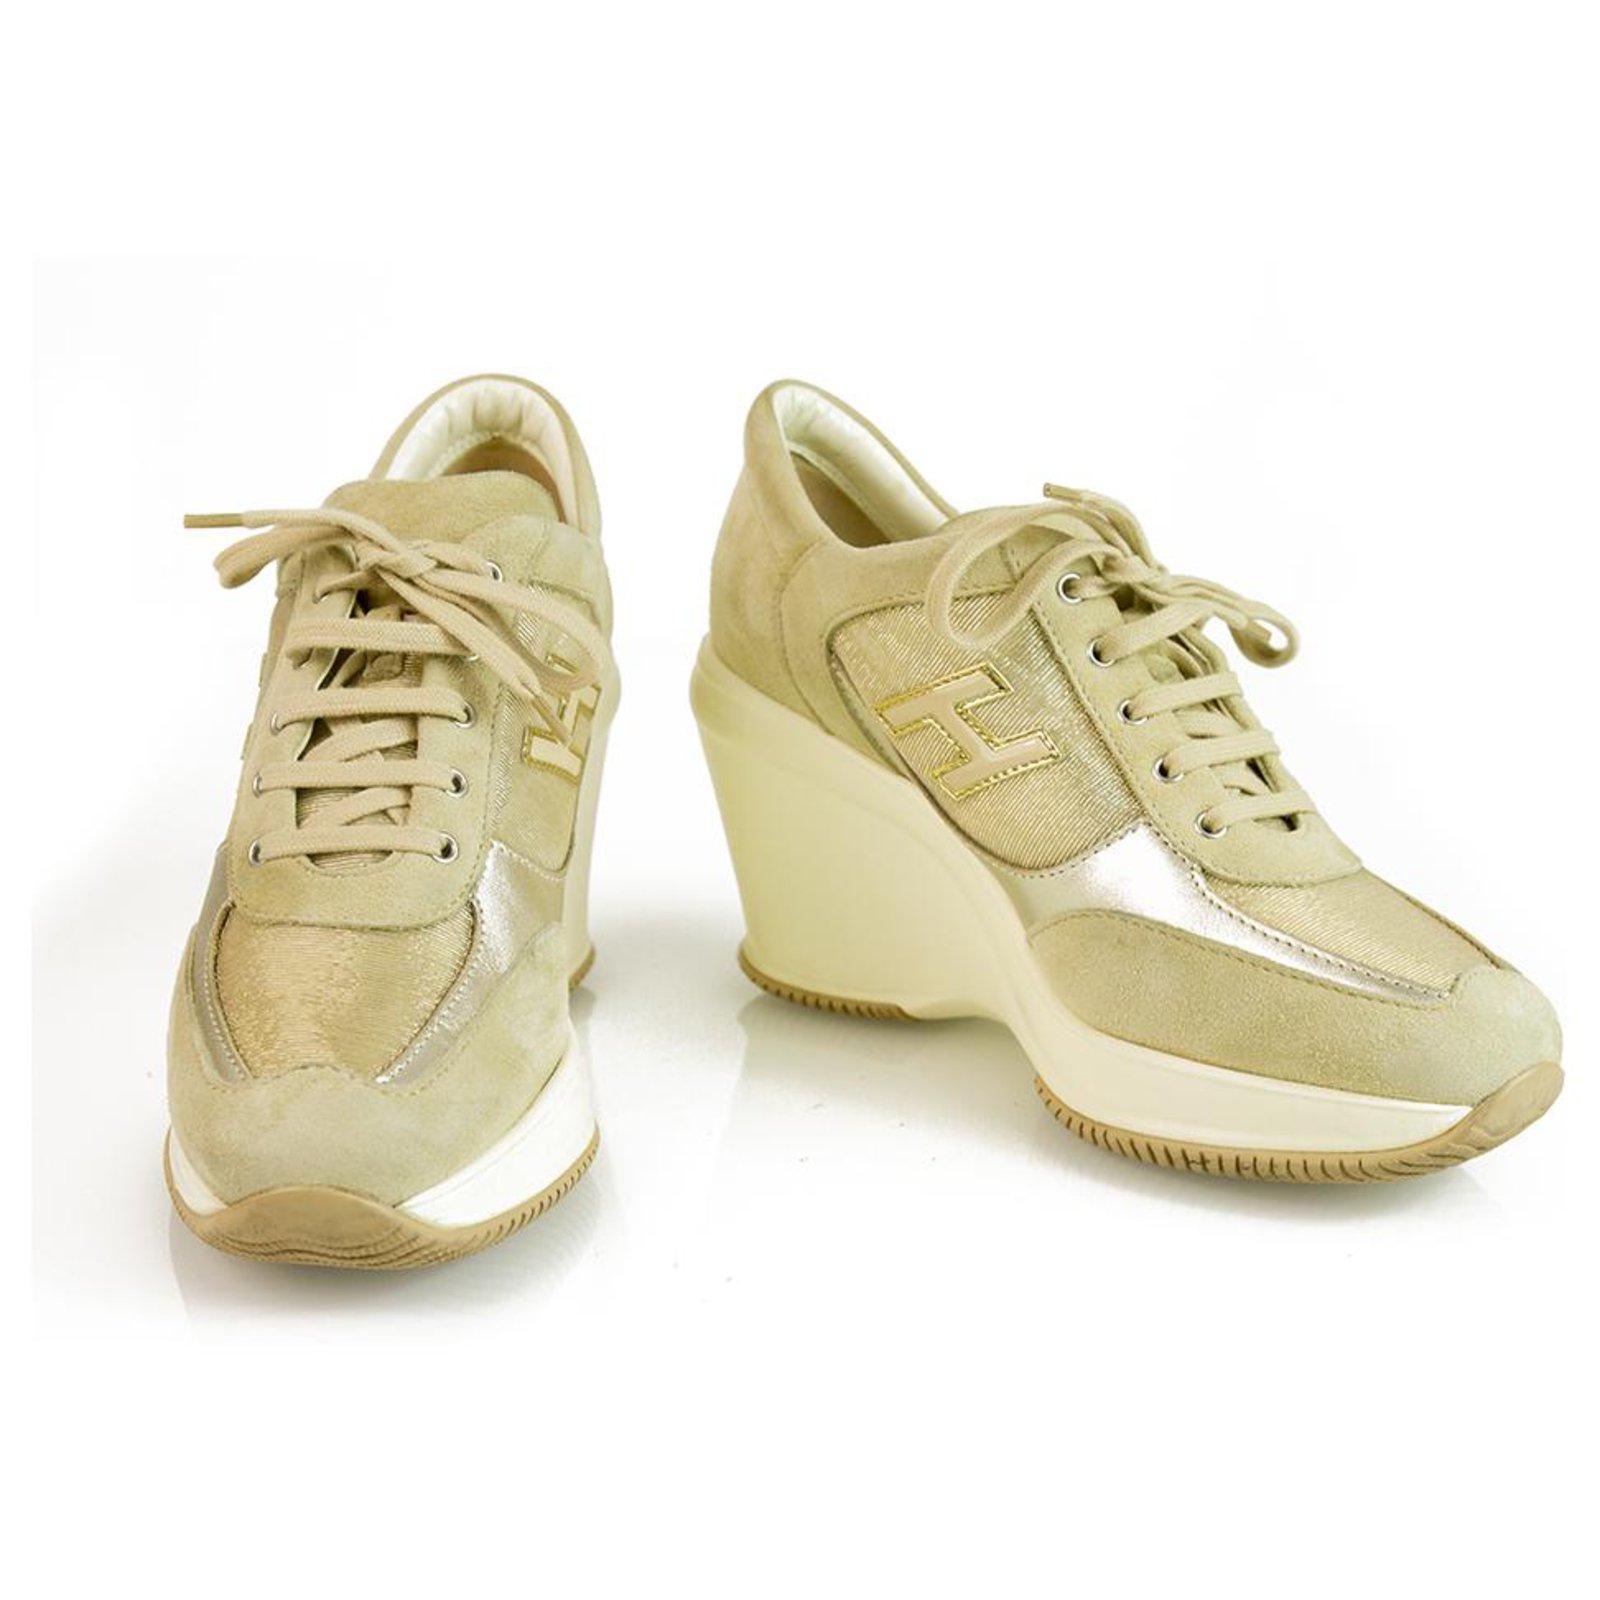 Hogan Sneakers Golden Suede ref.130355 - Joli Closet